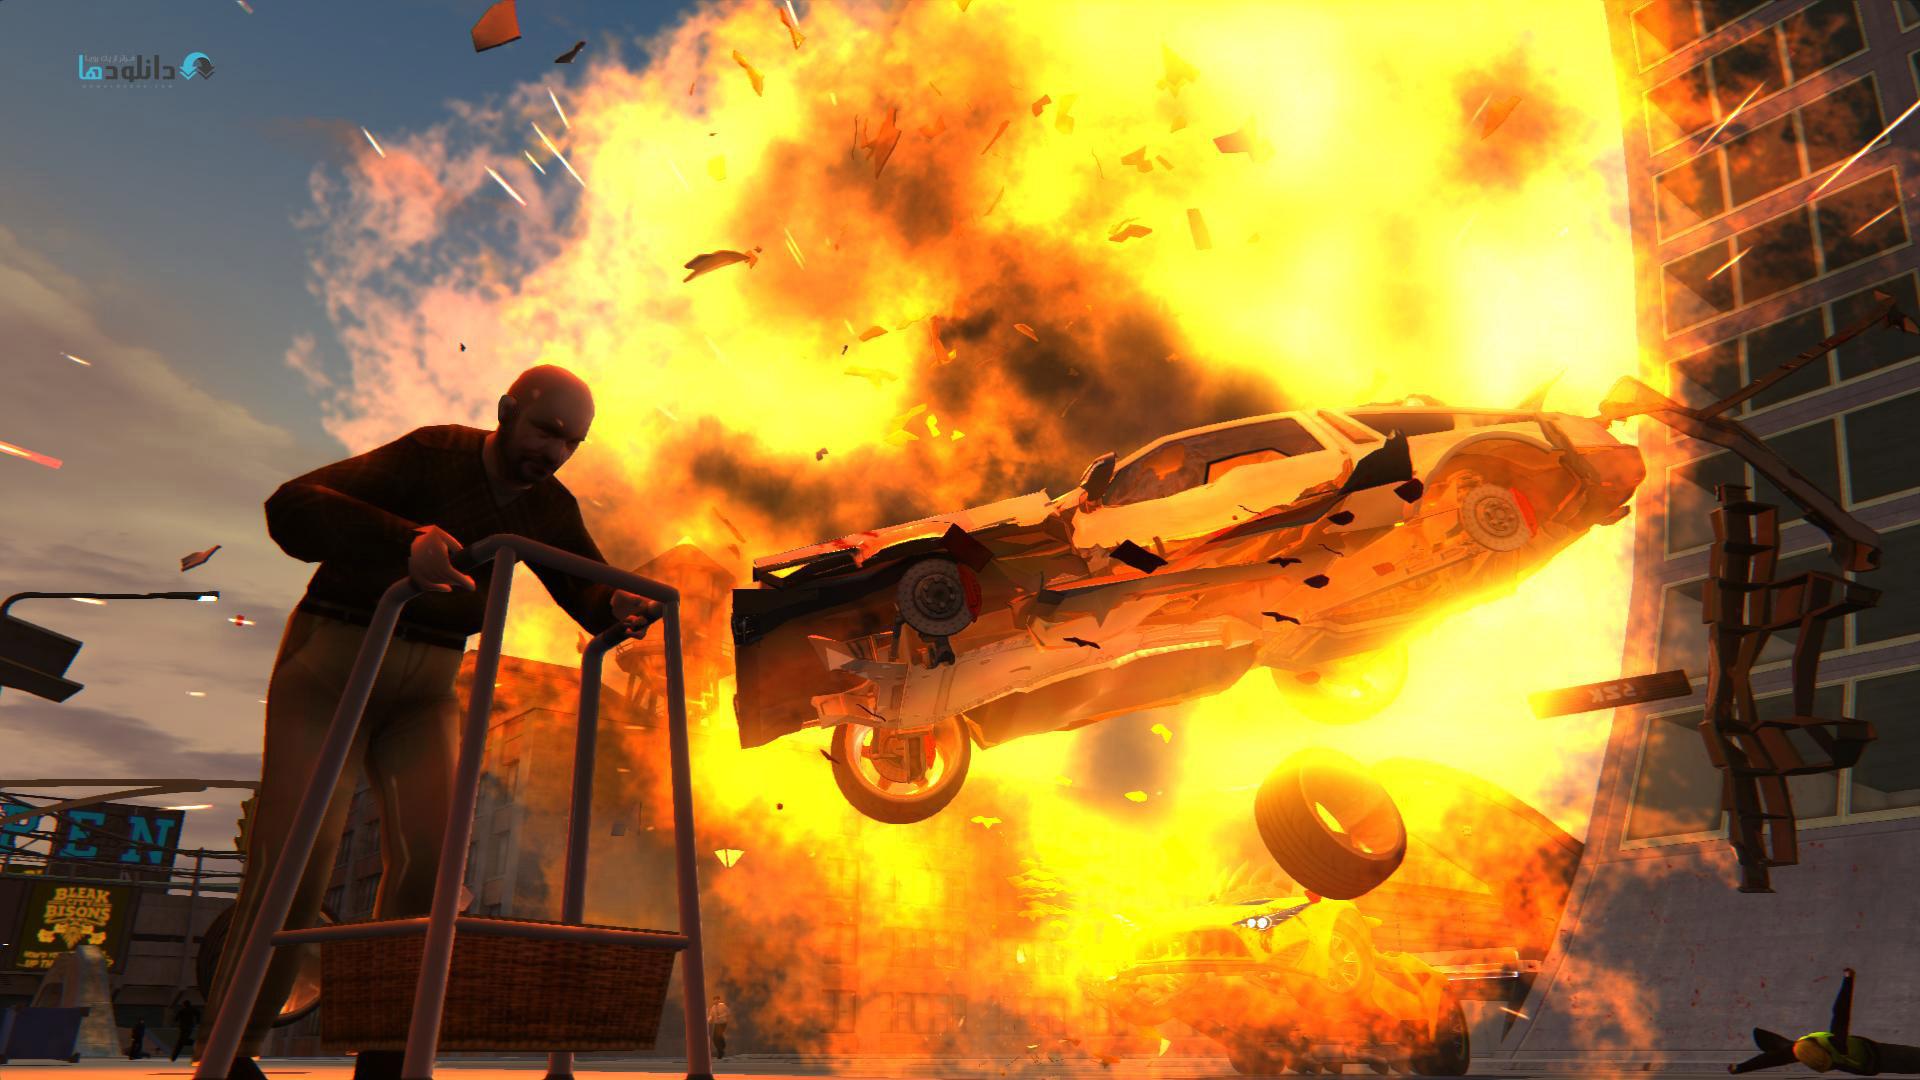 http://img5.downloadha.com/hosein/Game/May%202015/21/Carmageddon-Reincarnation-screenshots-03-large.jpg